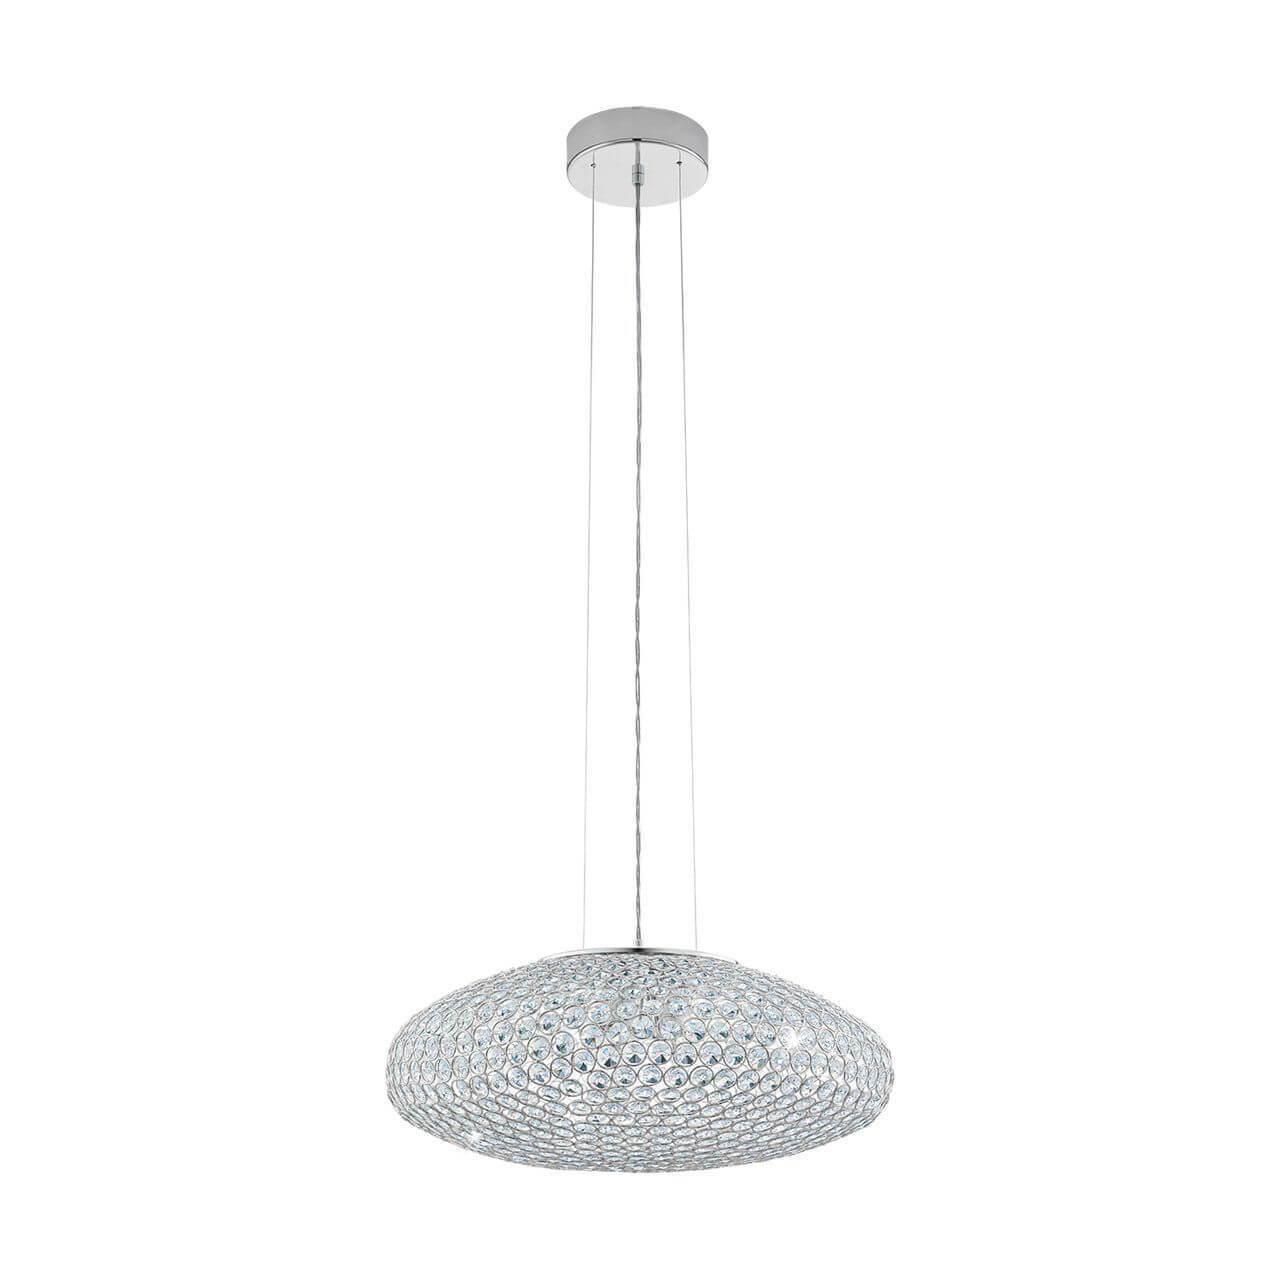 Подвесной светильник Eglo Clemente 95287 подвесной светильник eglo clemente 95286